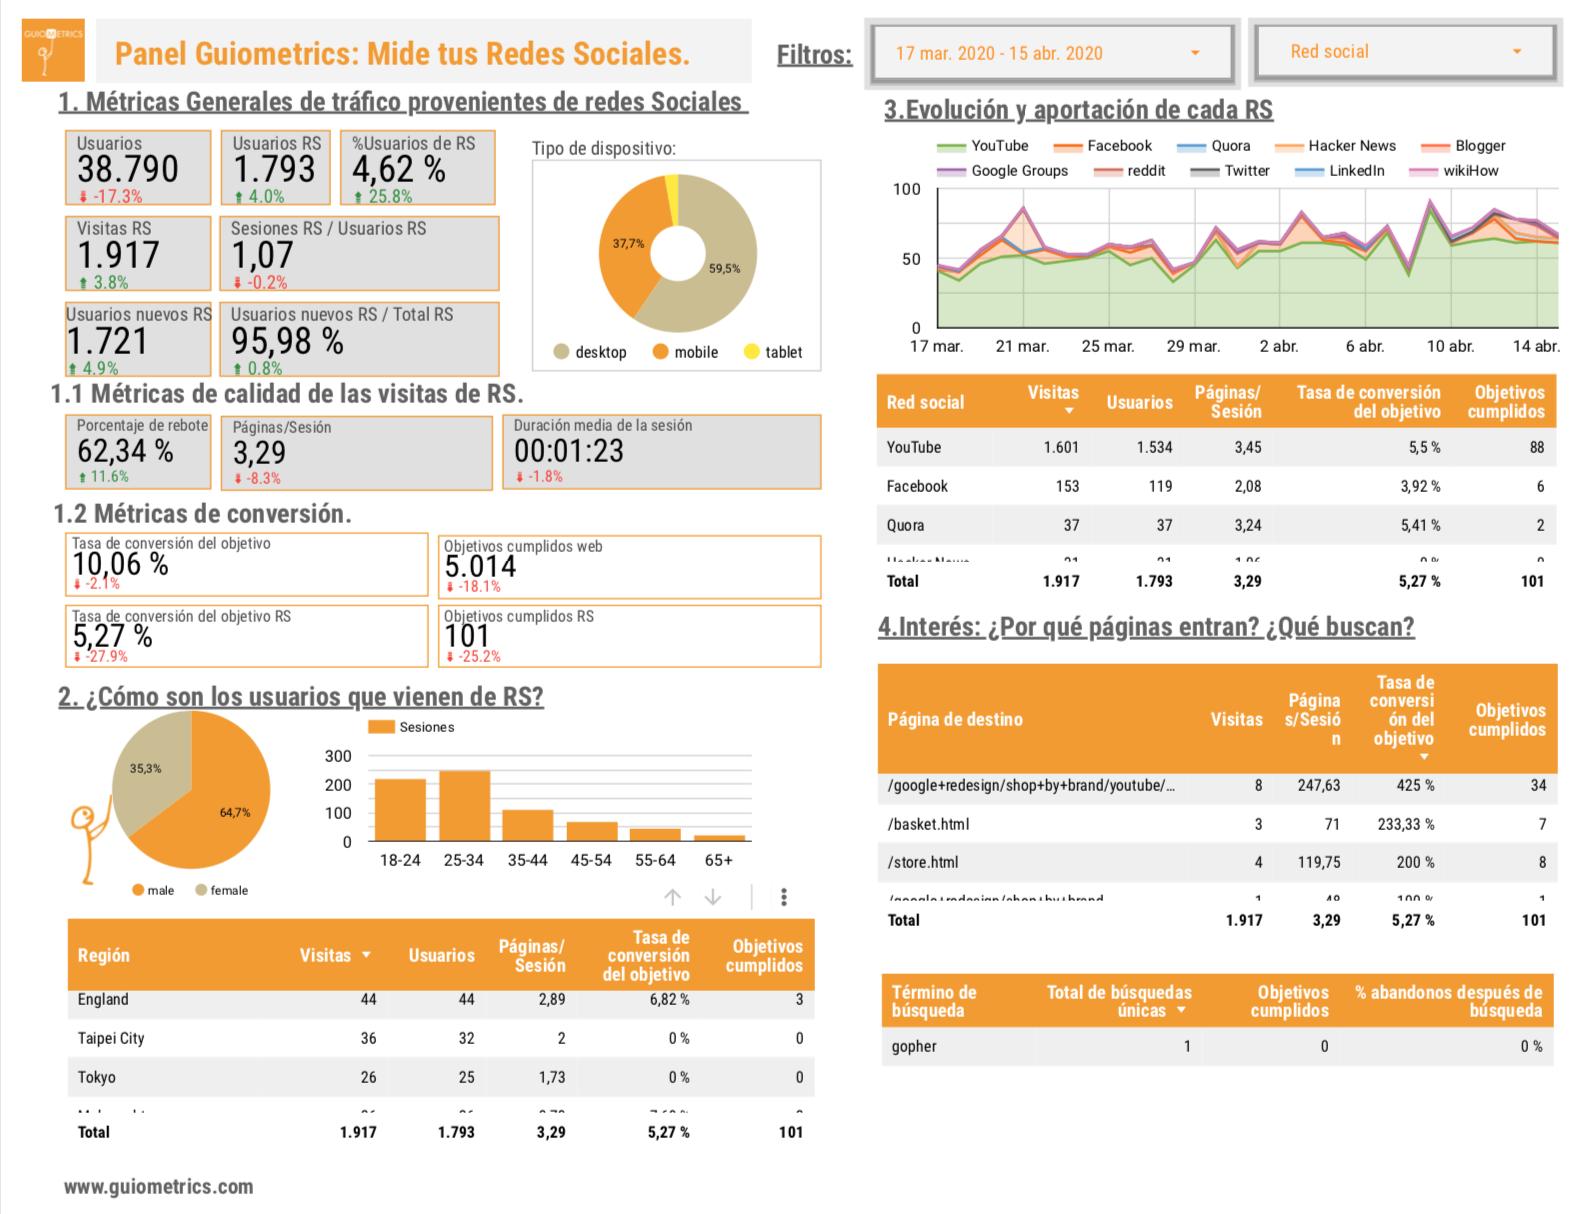 Dashboard de medición en redes sociales